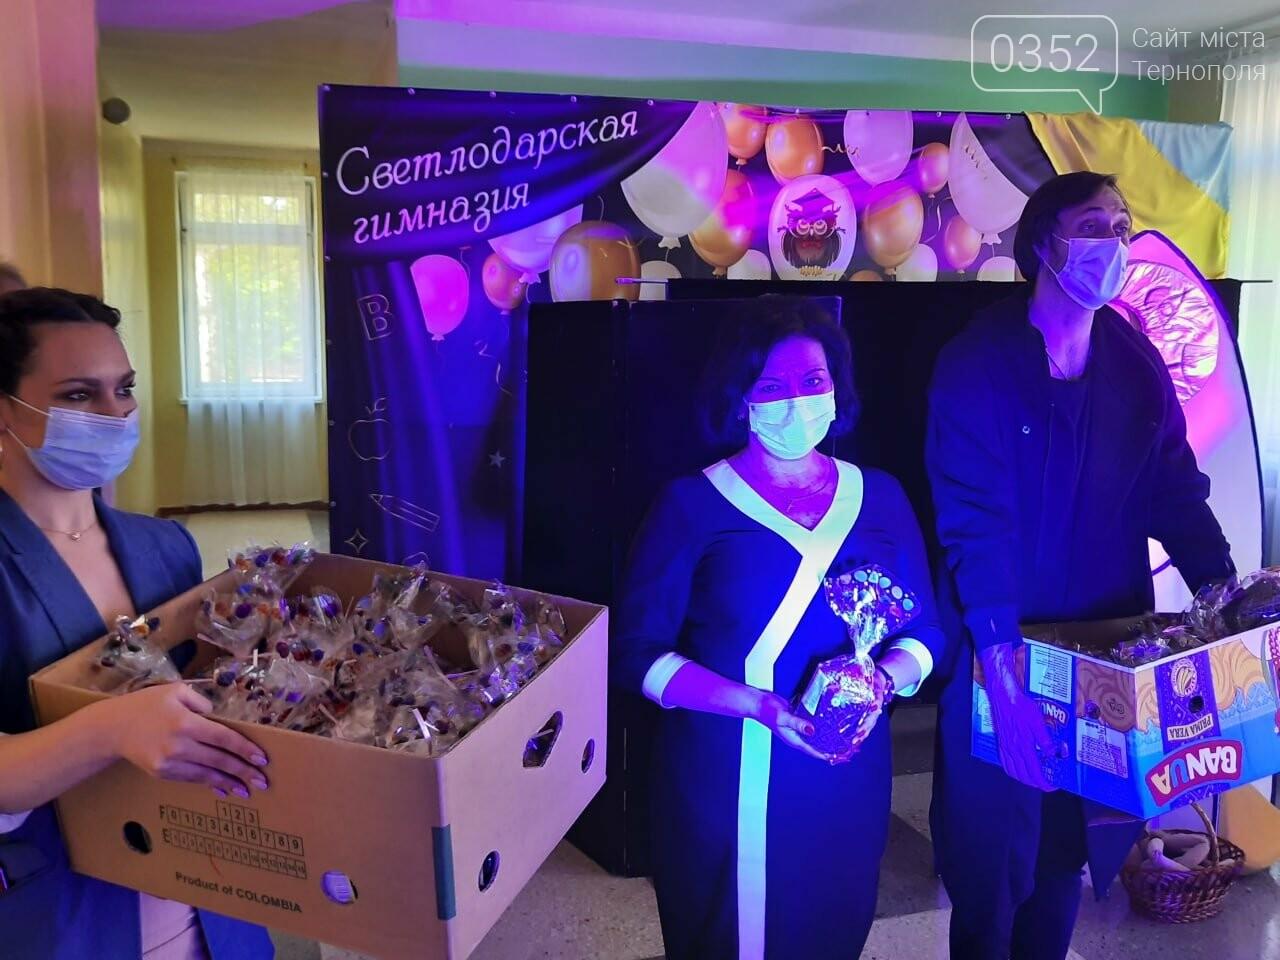 Більше ніж благодійність: «АТБ» передала три тисячі великодніх подарунків дітям із «сірої» зони Донбасу, фото-3